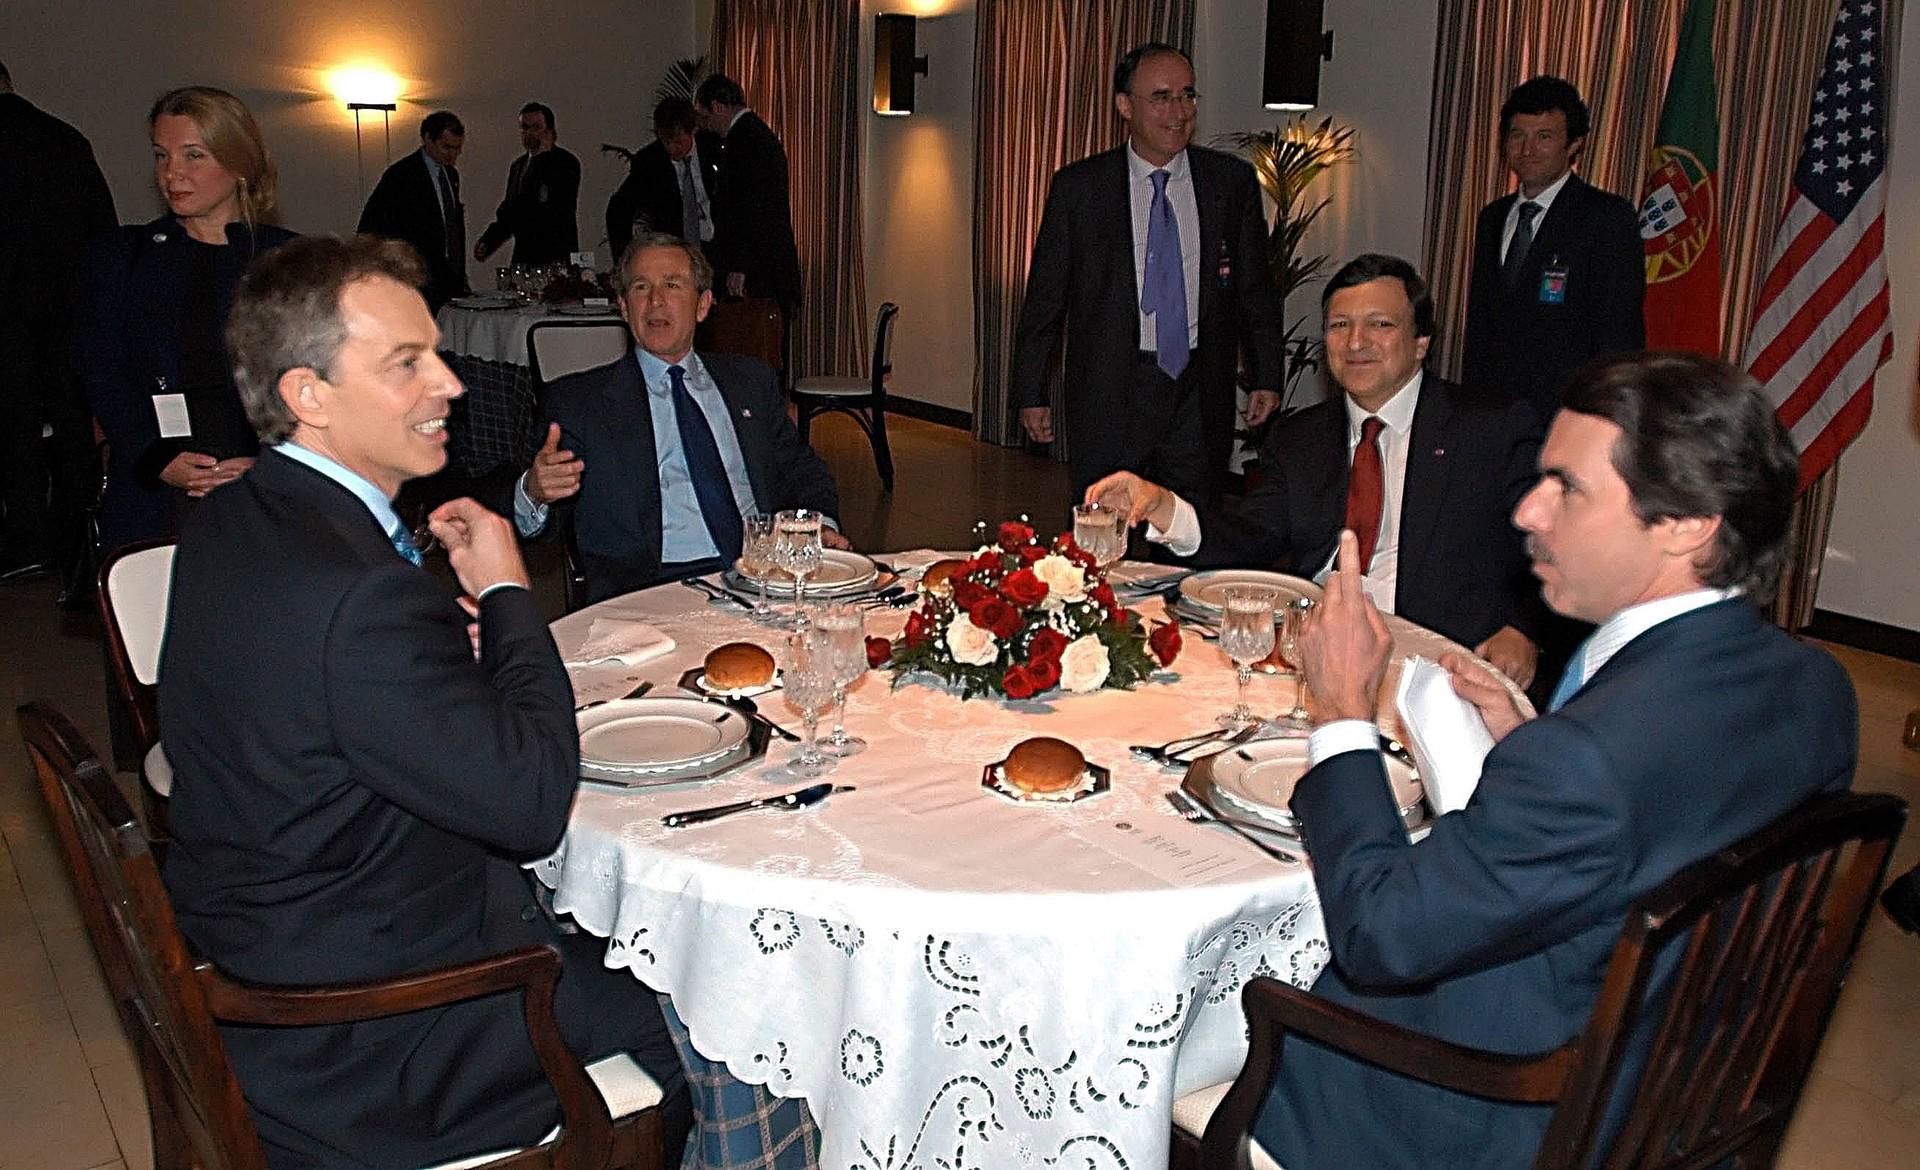 El ex primer ministro británico Tony Blair cena junto al expresidente de EE.UU., George Bush, el ex primer ministro portugués, José Manuel Durao Barroso y el ex primer ministro de España, José María Aznar, después de una reunión en la base aérea de Terceira, el 16 de marzo de 2003.